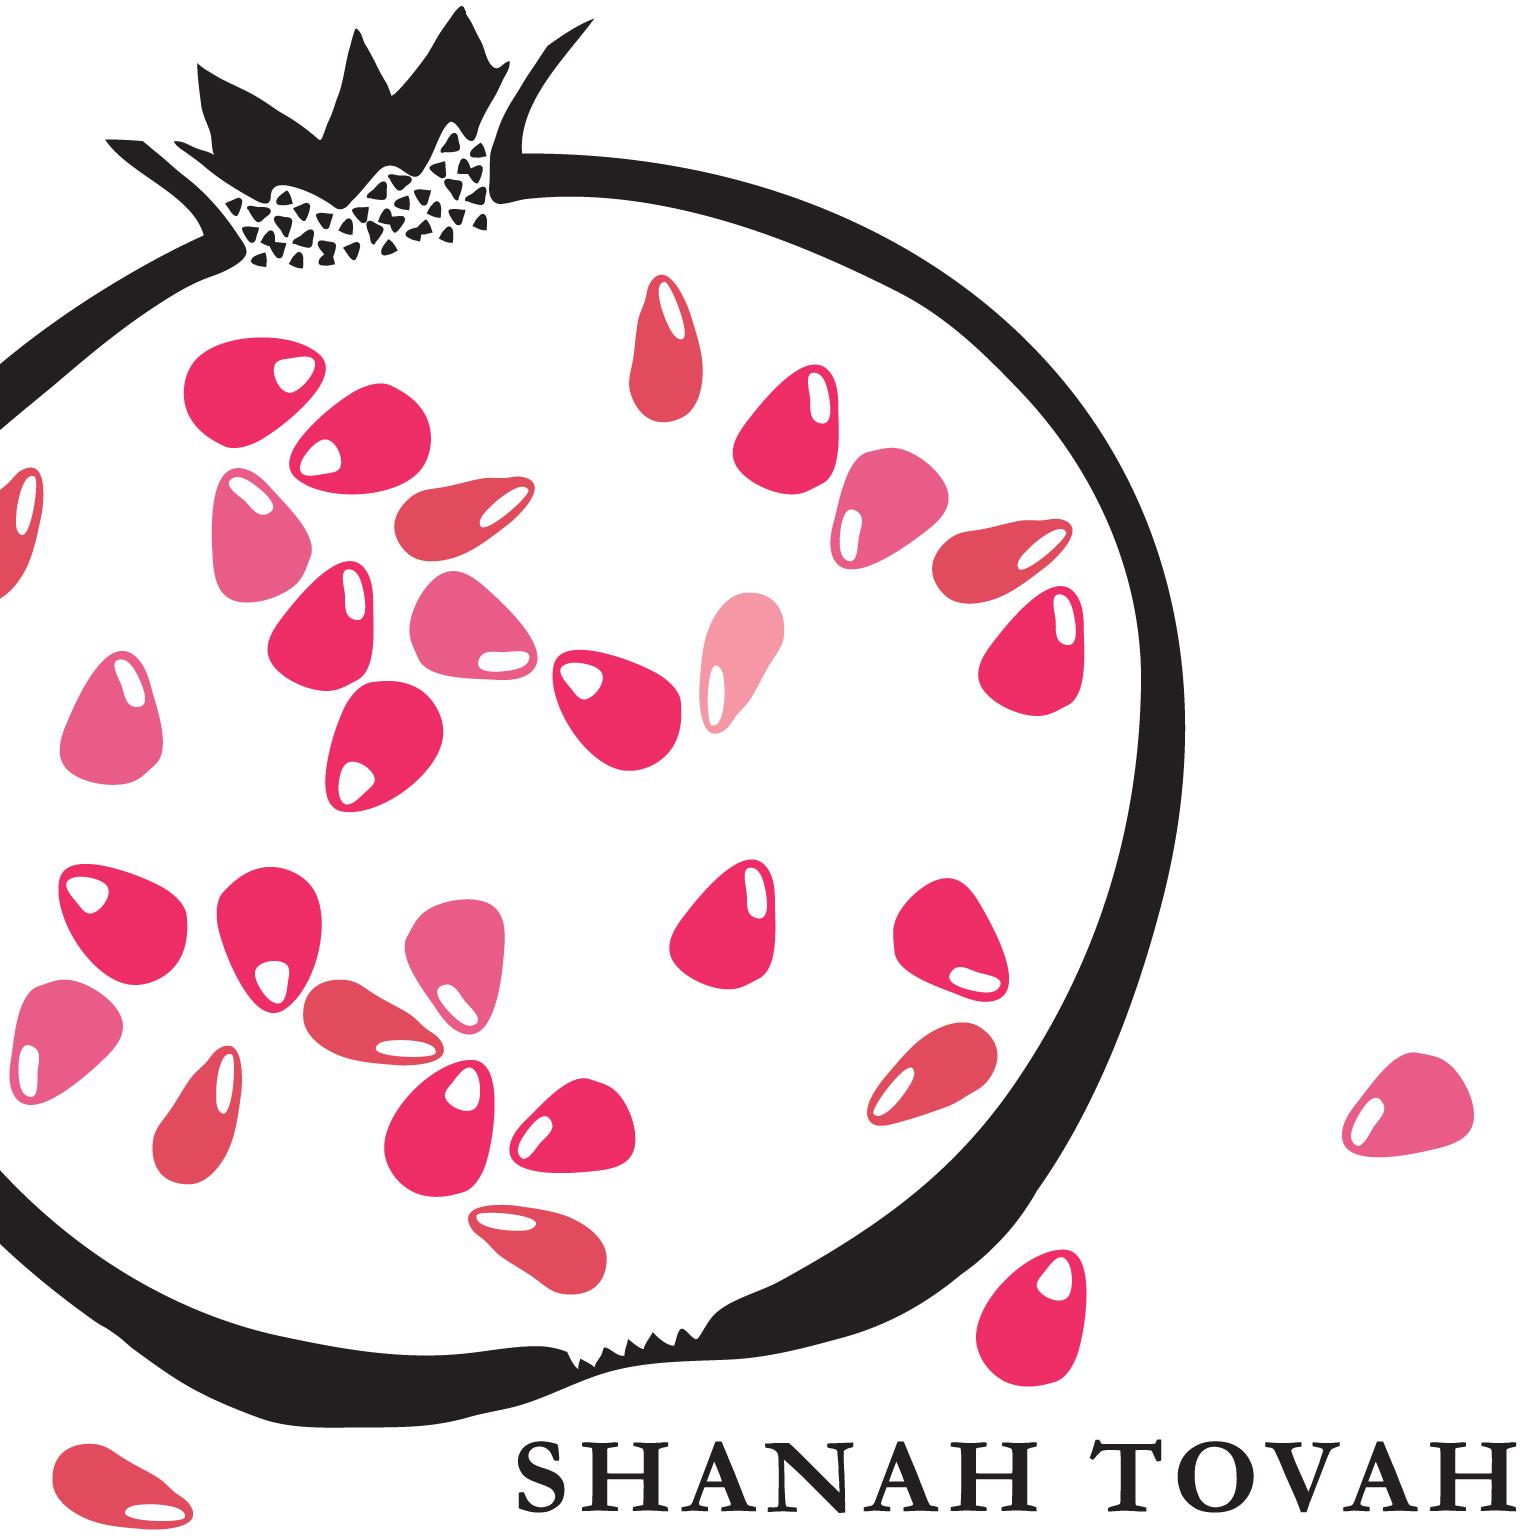 Shanah Tovah greeting card by Ananya